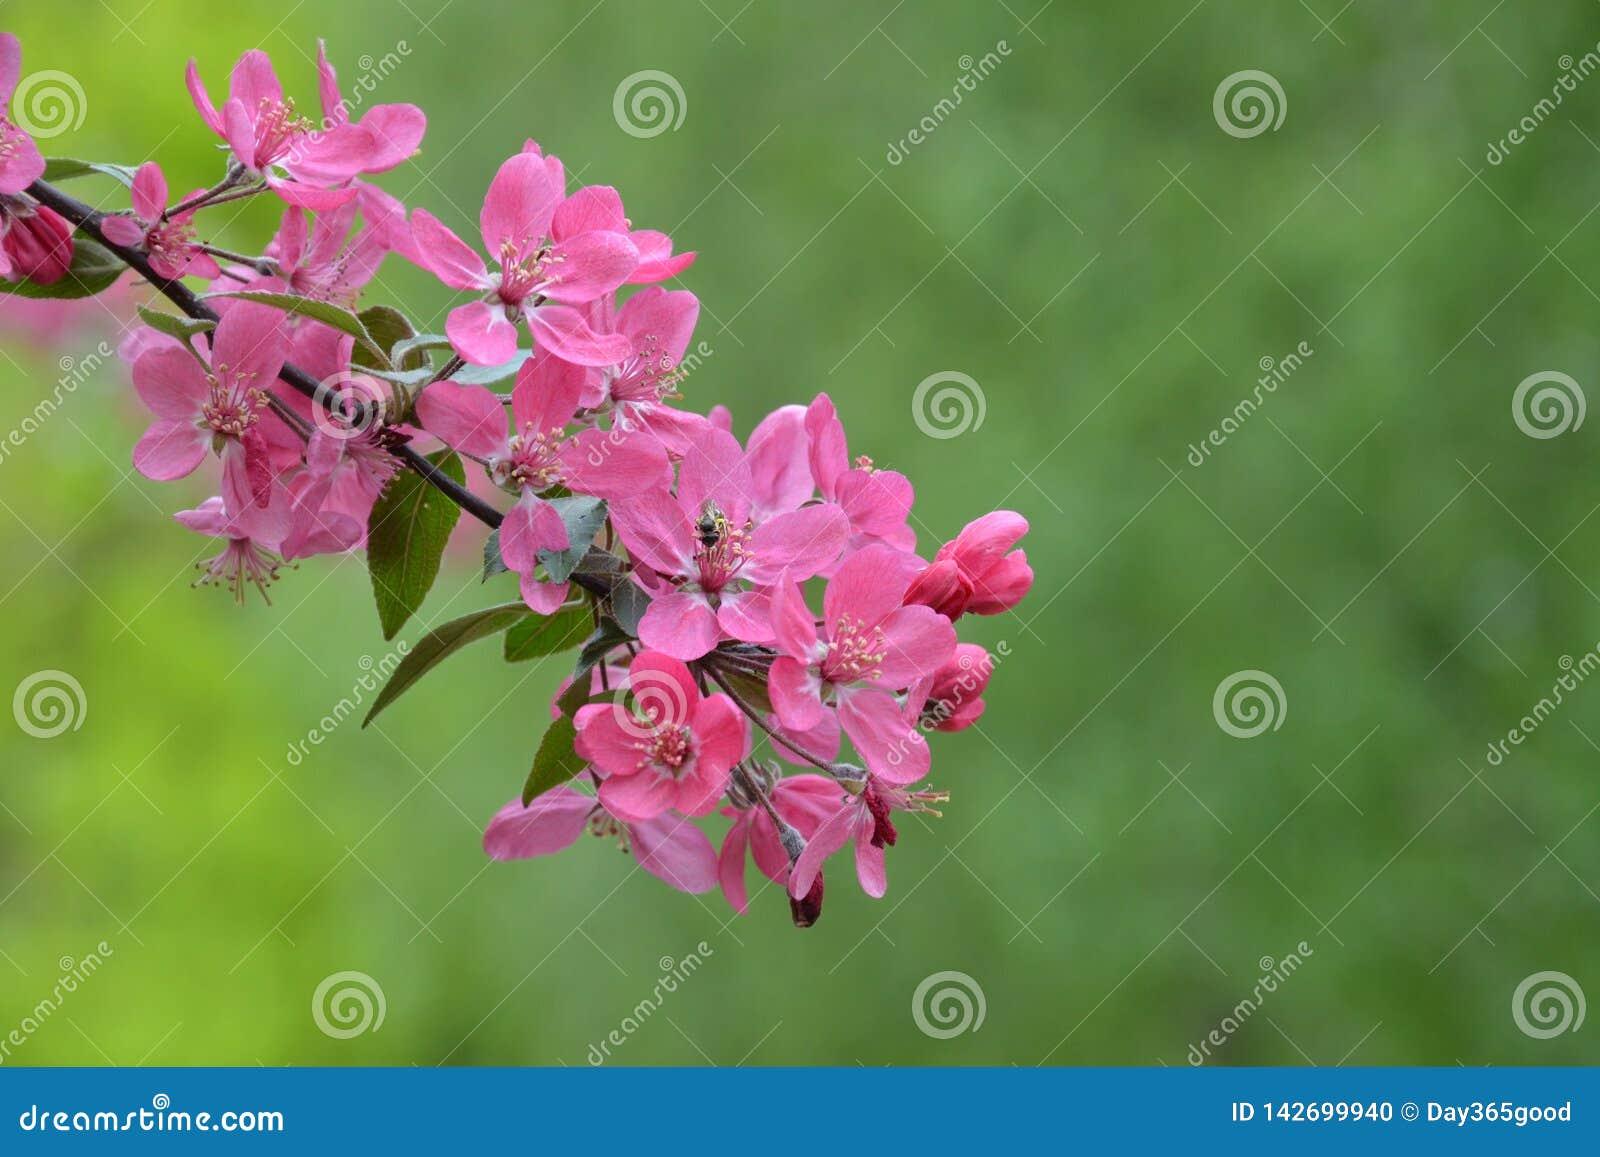 天堂般的桃红色苹果树的开花的分支 春天开花果树园 在绿色背景的桃红色花